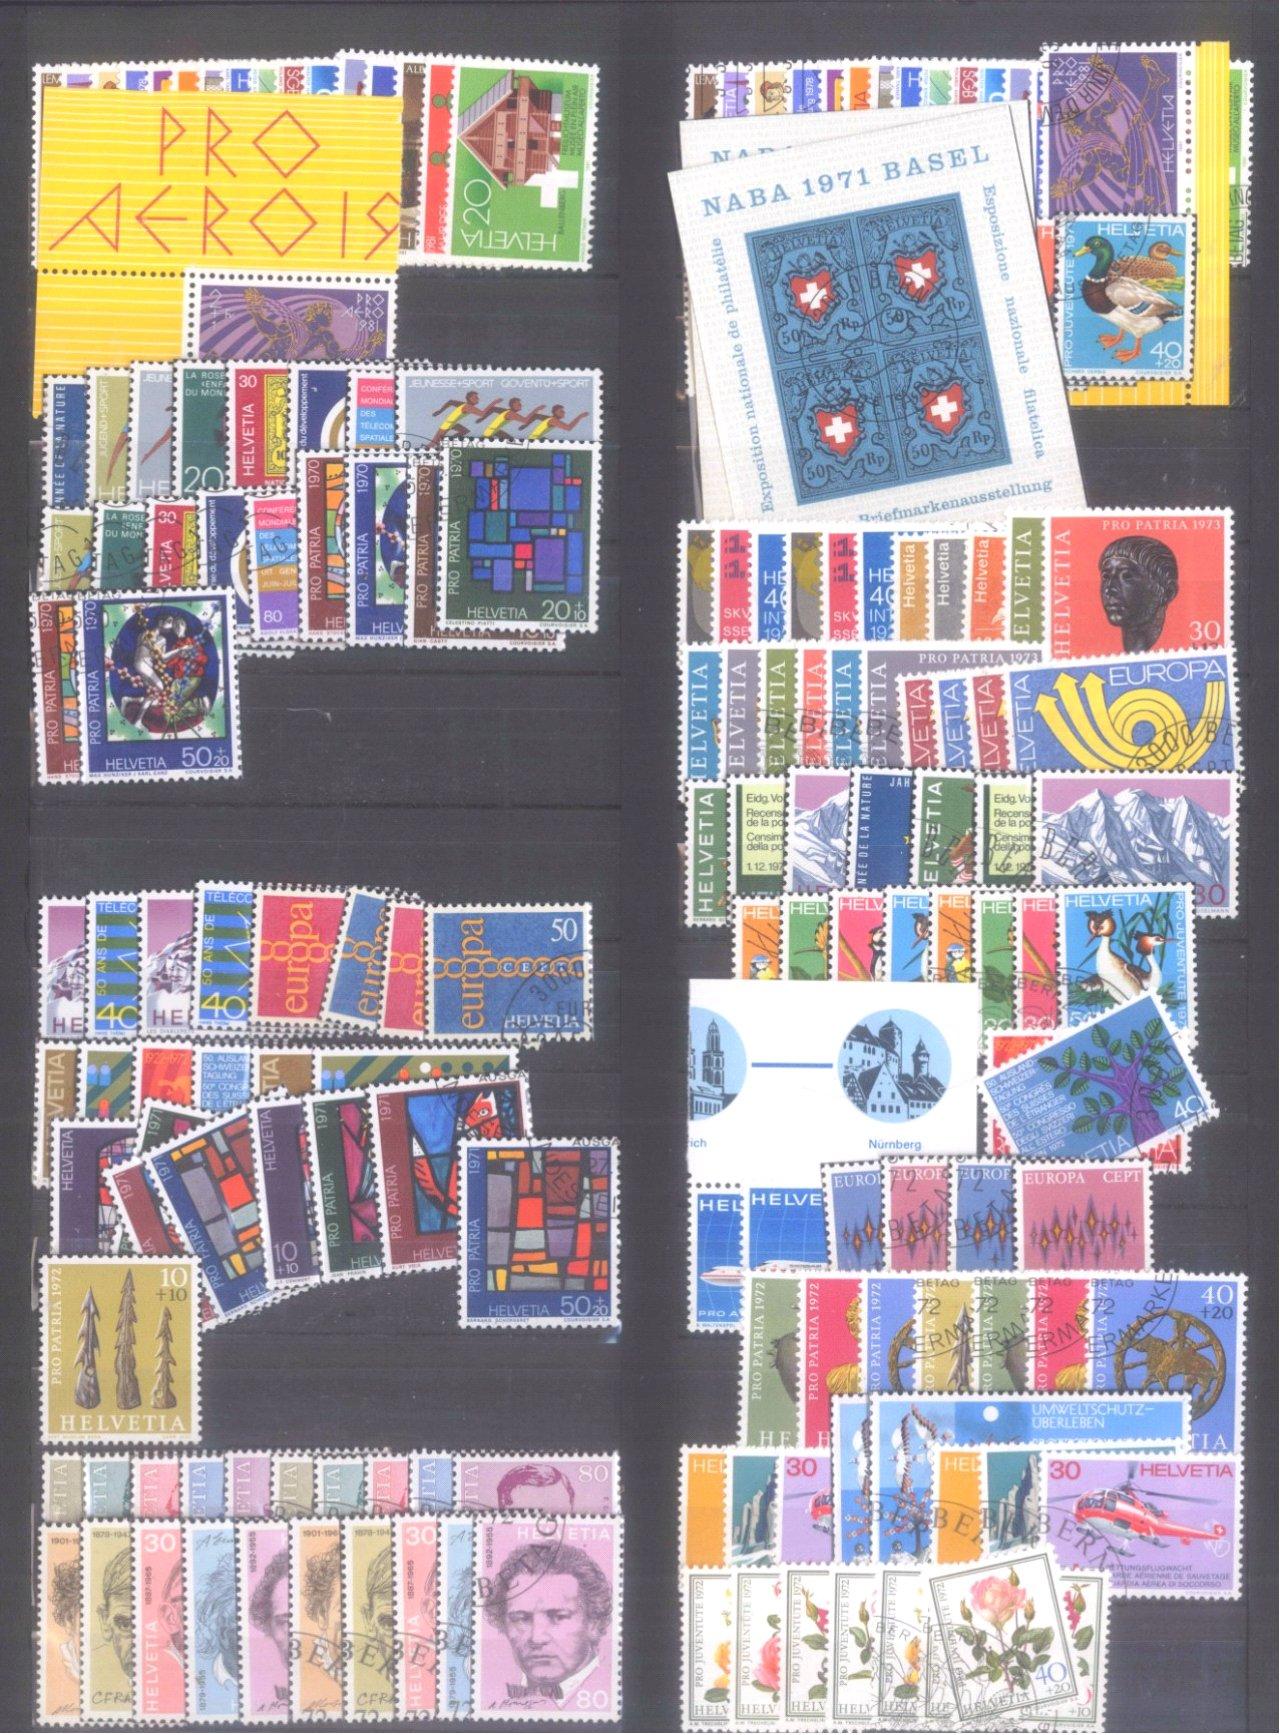 Briefmarken und Ganzsachennachlass-20